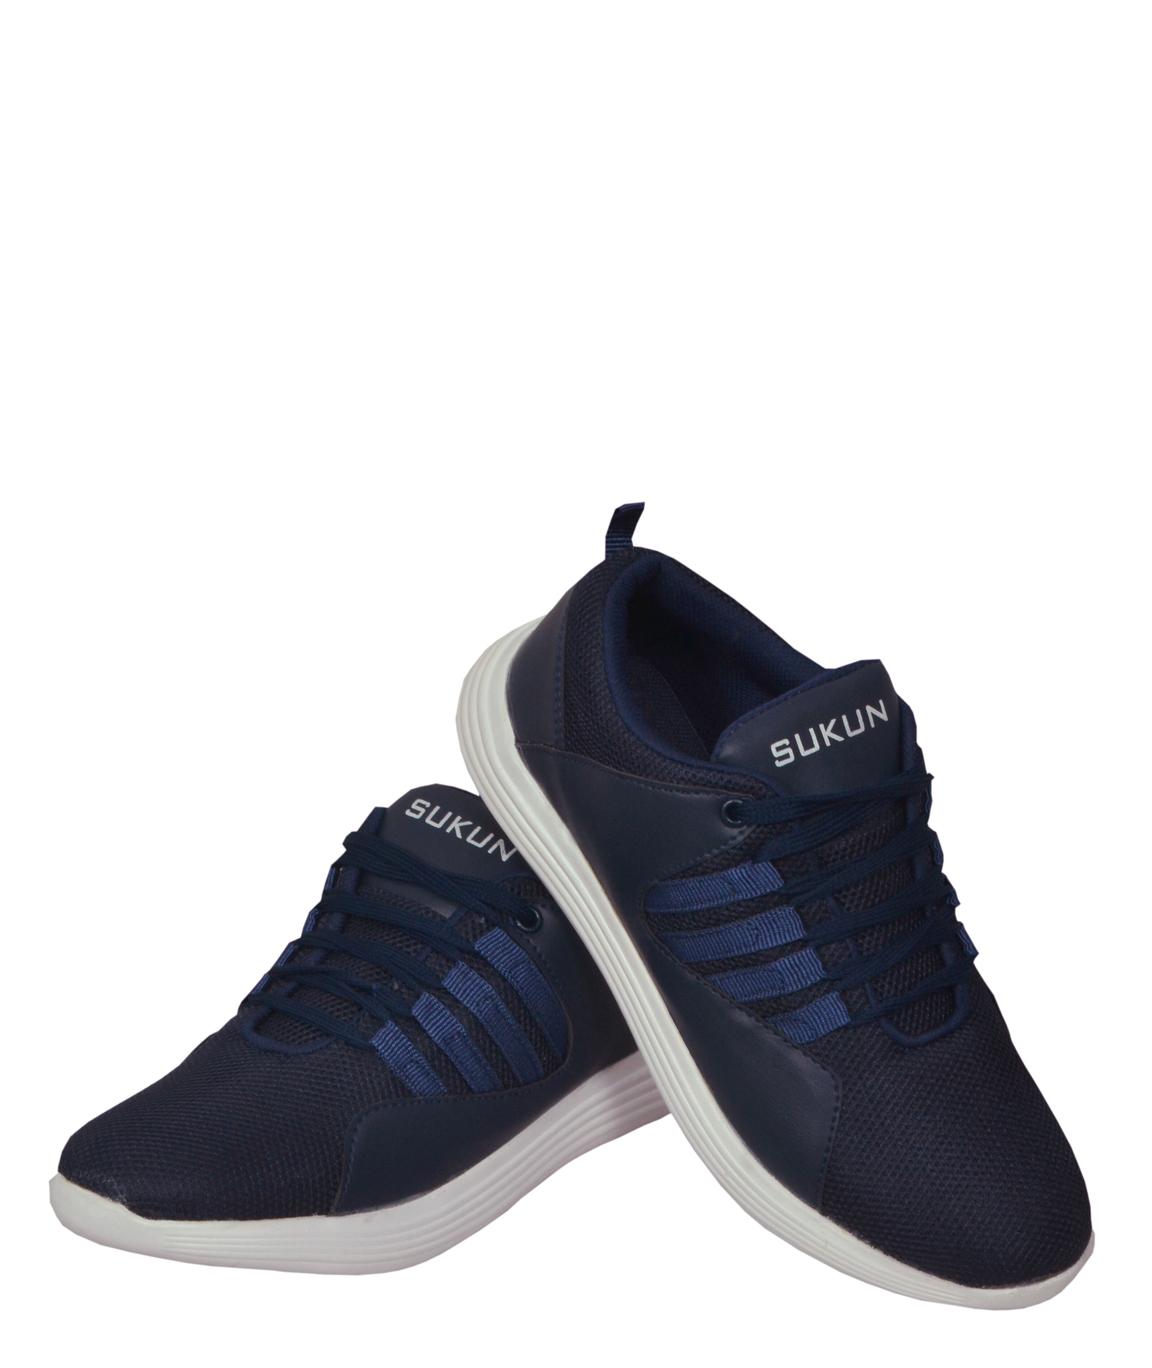 Sukun Blue Sport Shoes